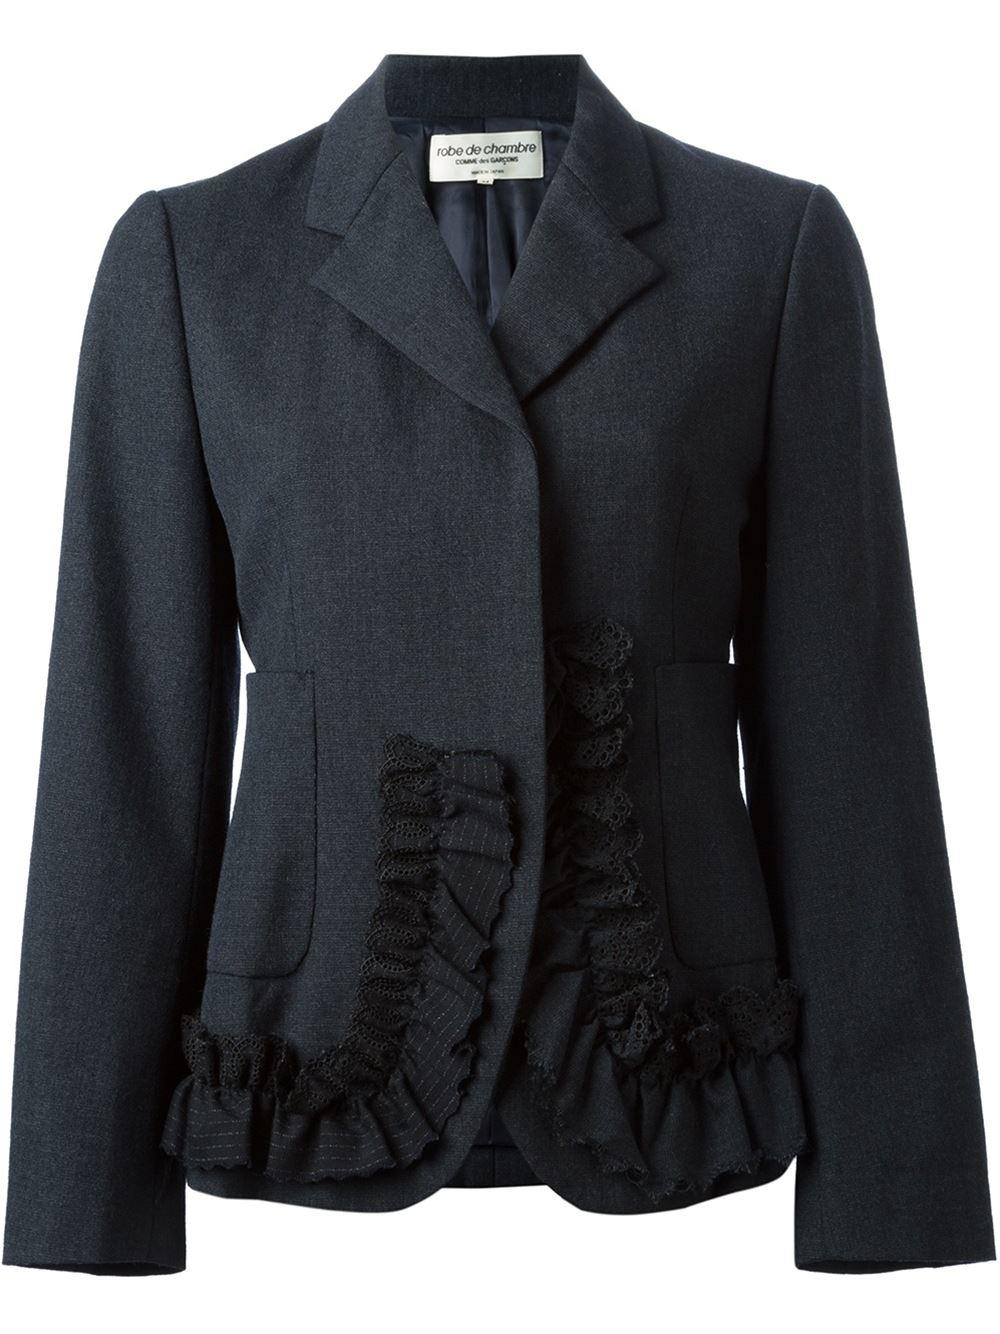 lyst comme des gar ons comme des gar ons vintage 39 robe de chambre 39 jacket in gray. Black Bedroom Furniture Sets. Home Design Ideas